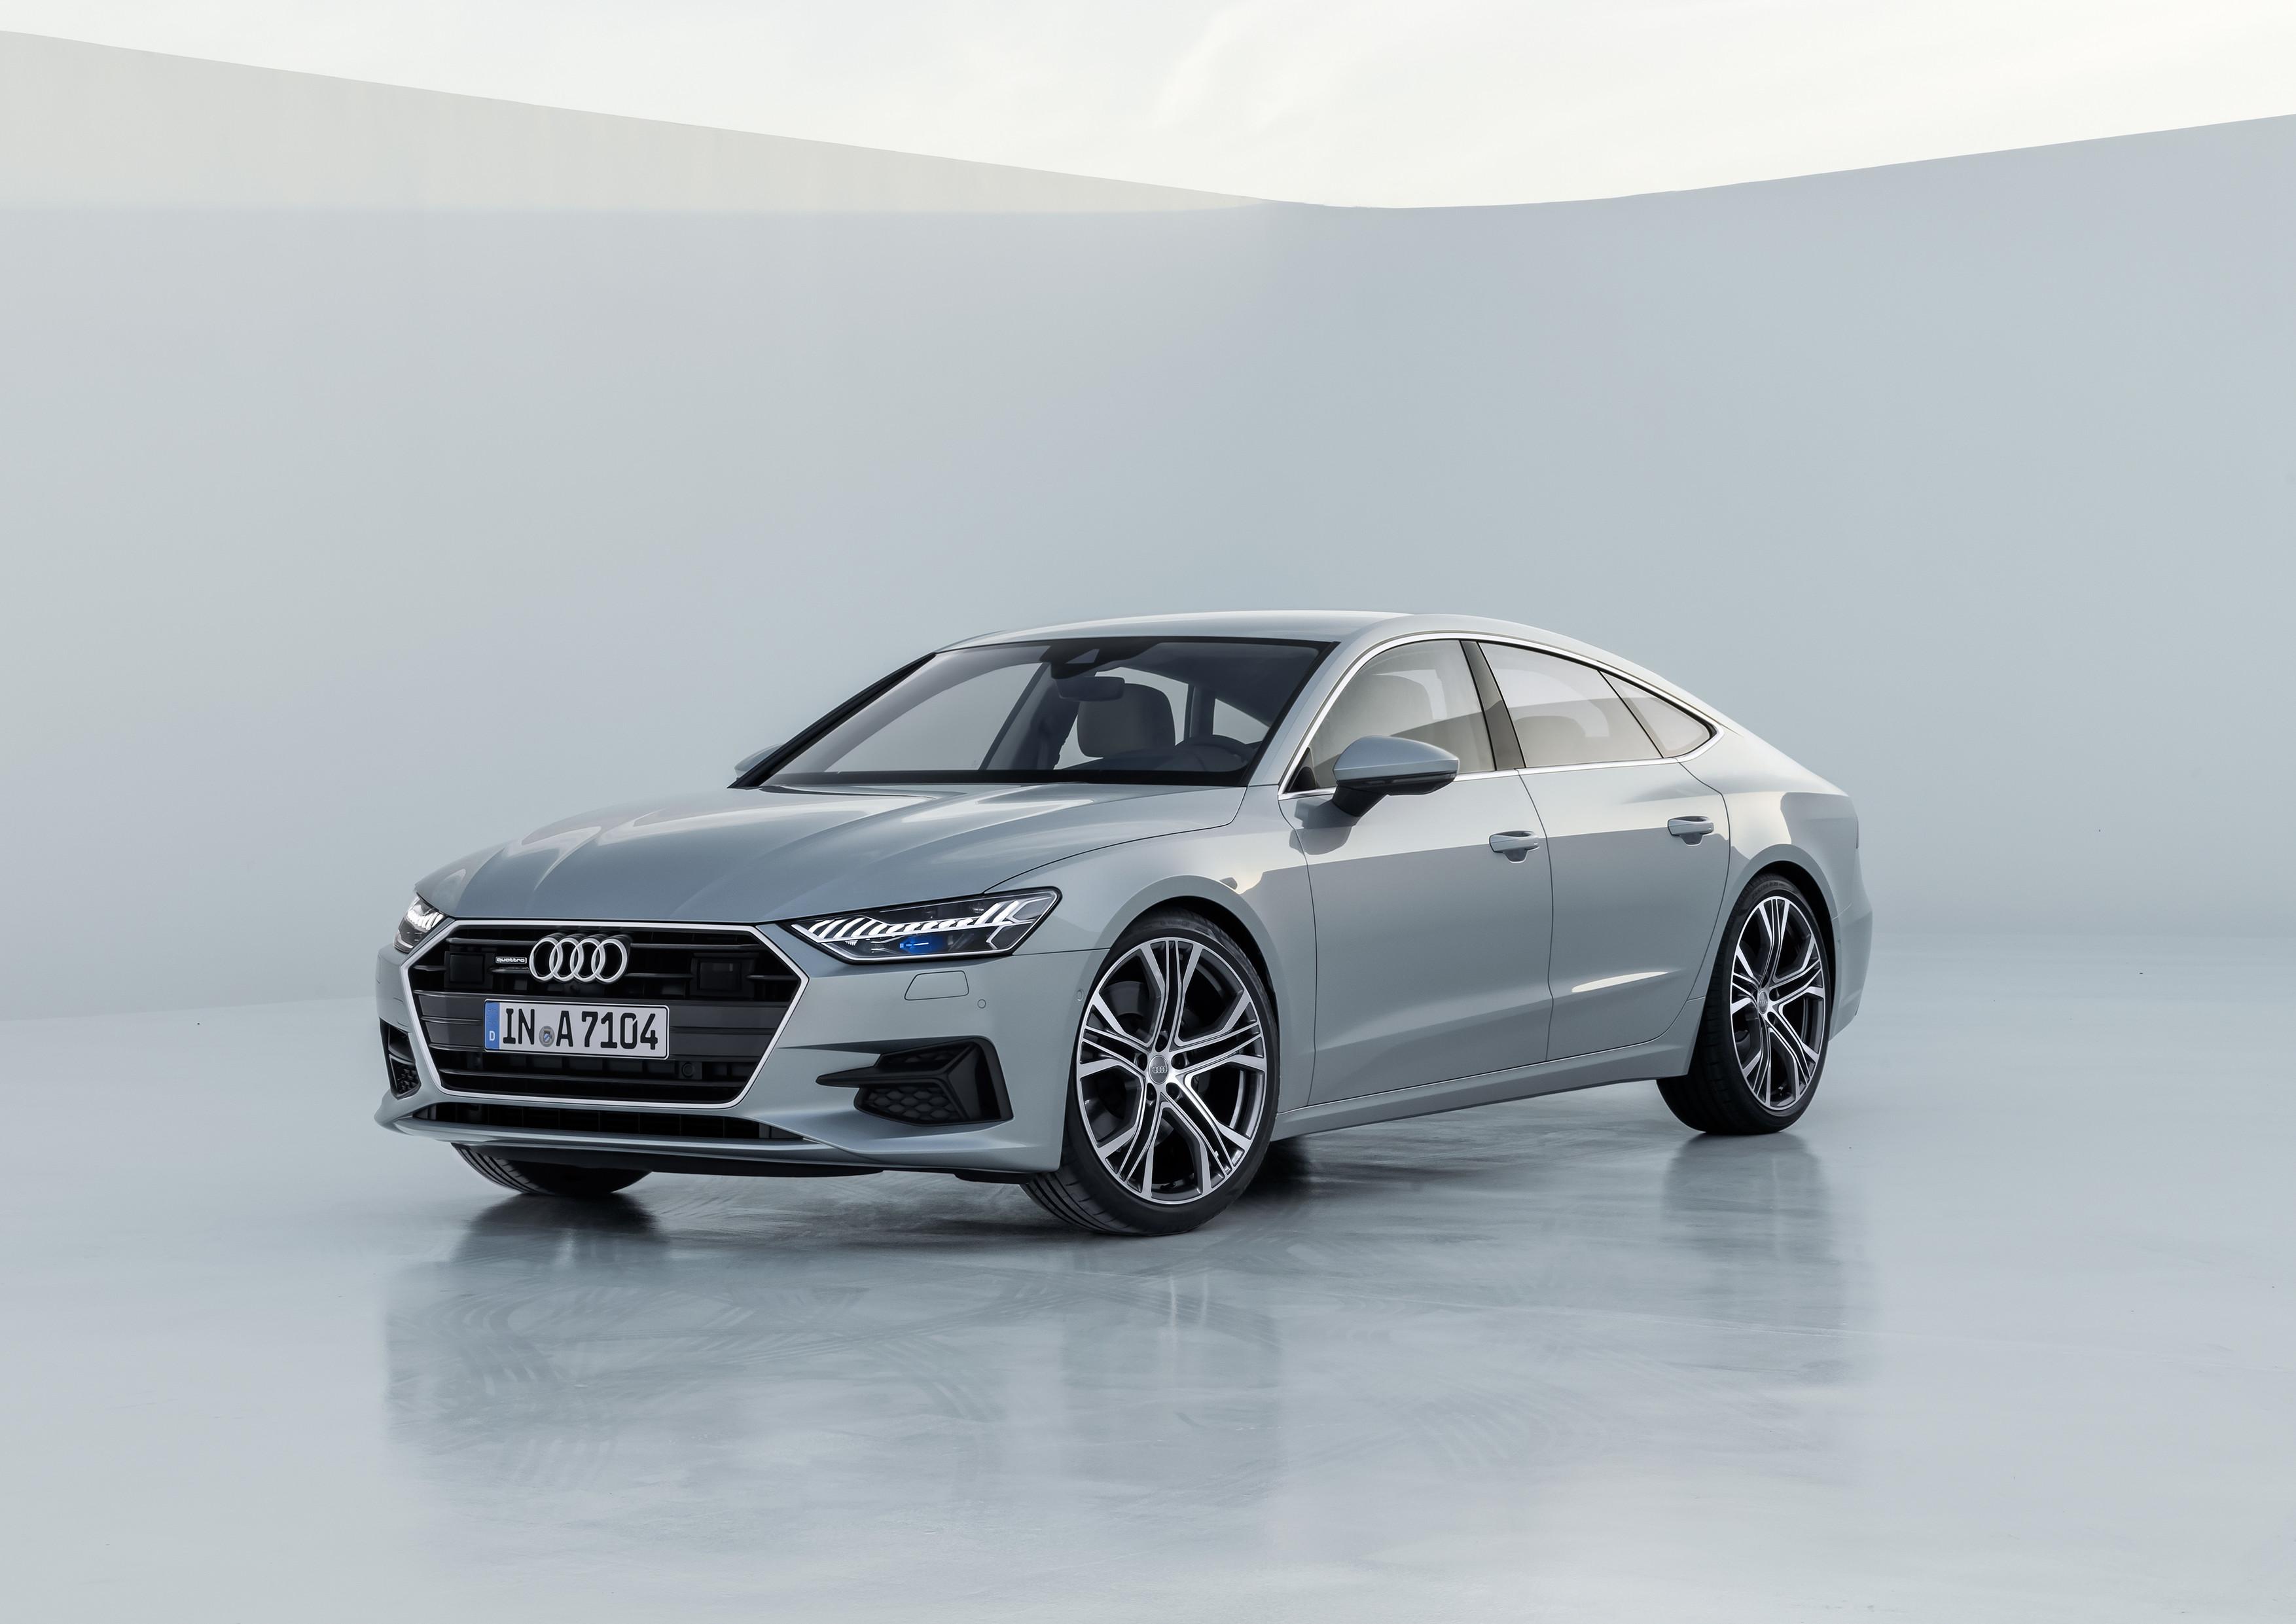 新型Audi A7 Sportback:ラグジュアリークラスにおけるアウディのスポーティさの代表